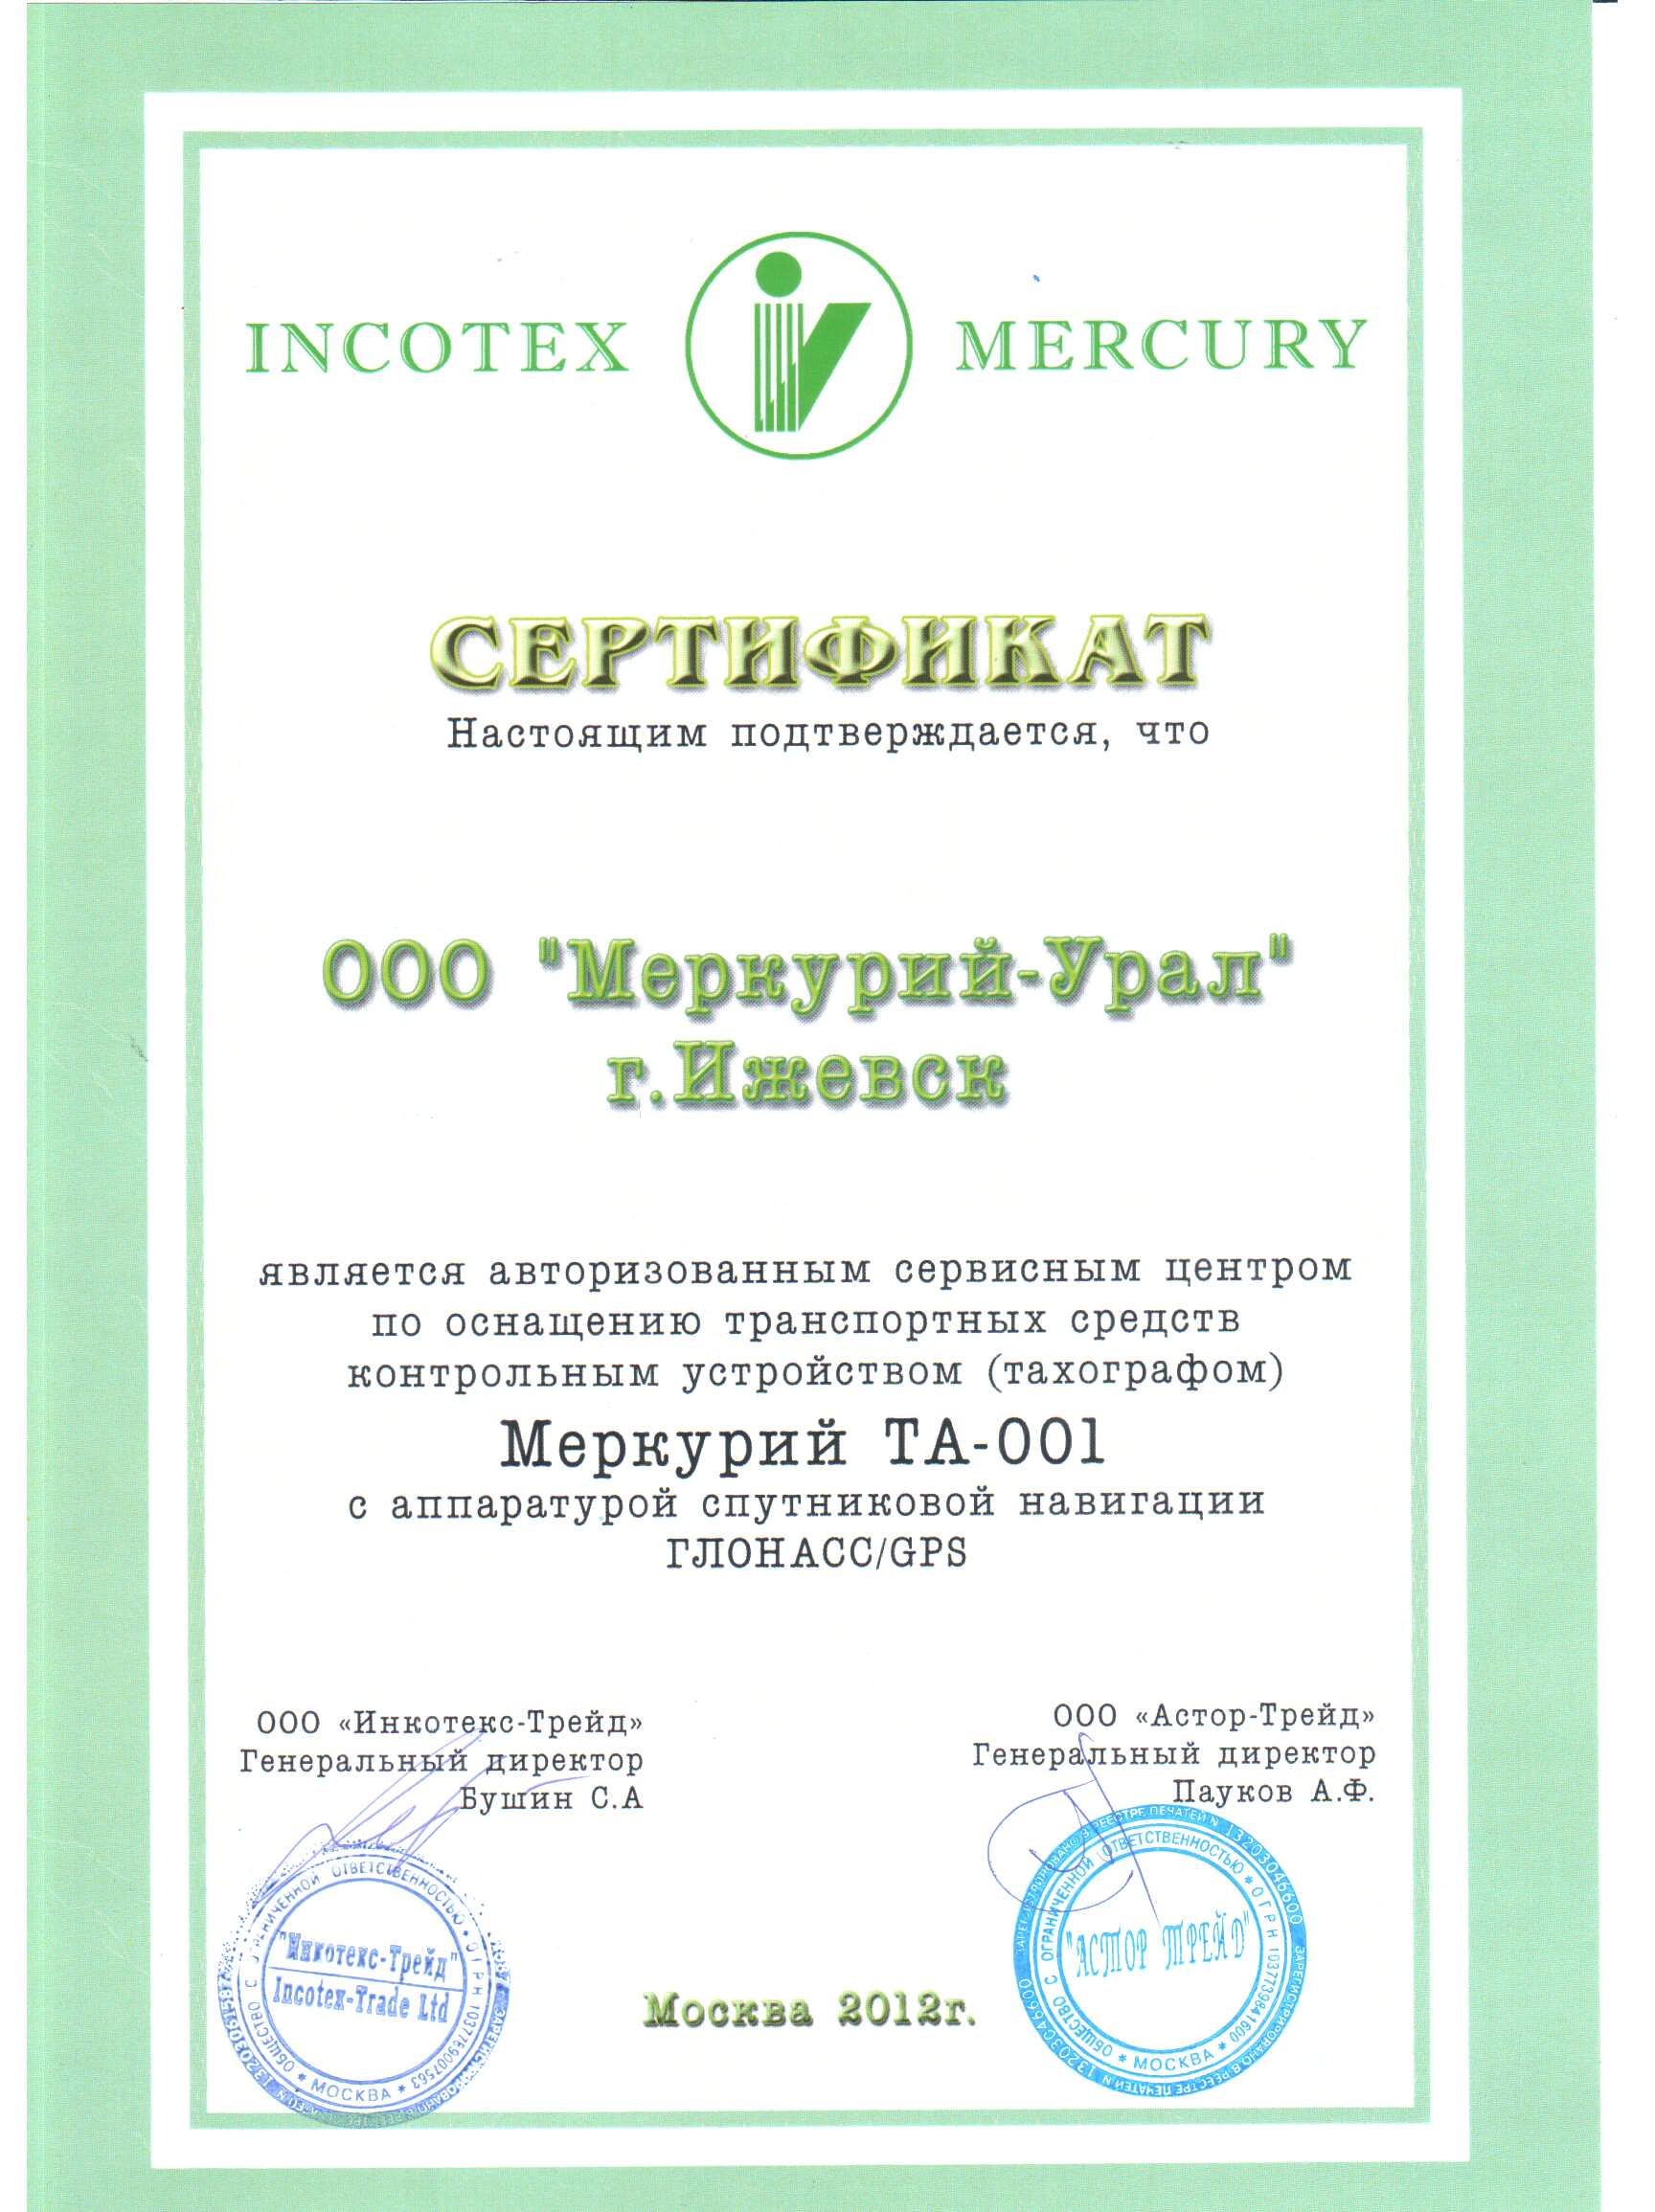 Сертификат на установку тахографа